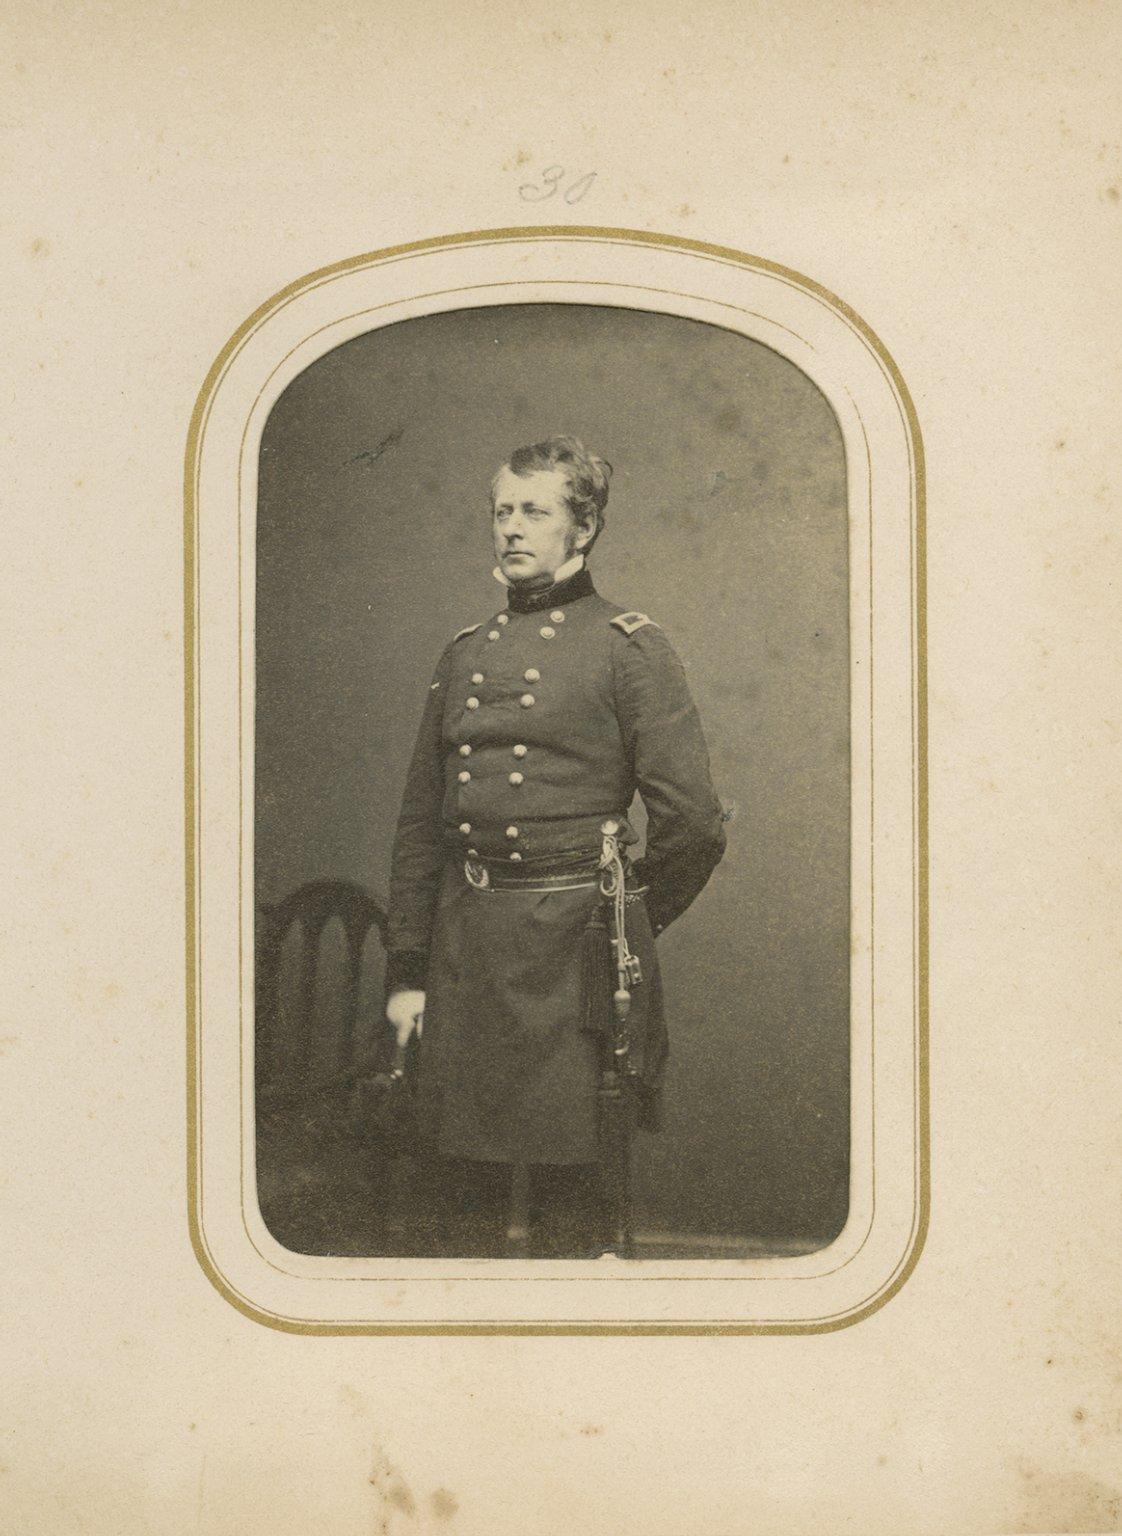 Maj. General Joseph Hooker